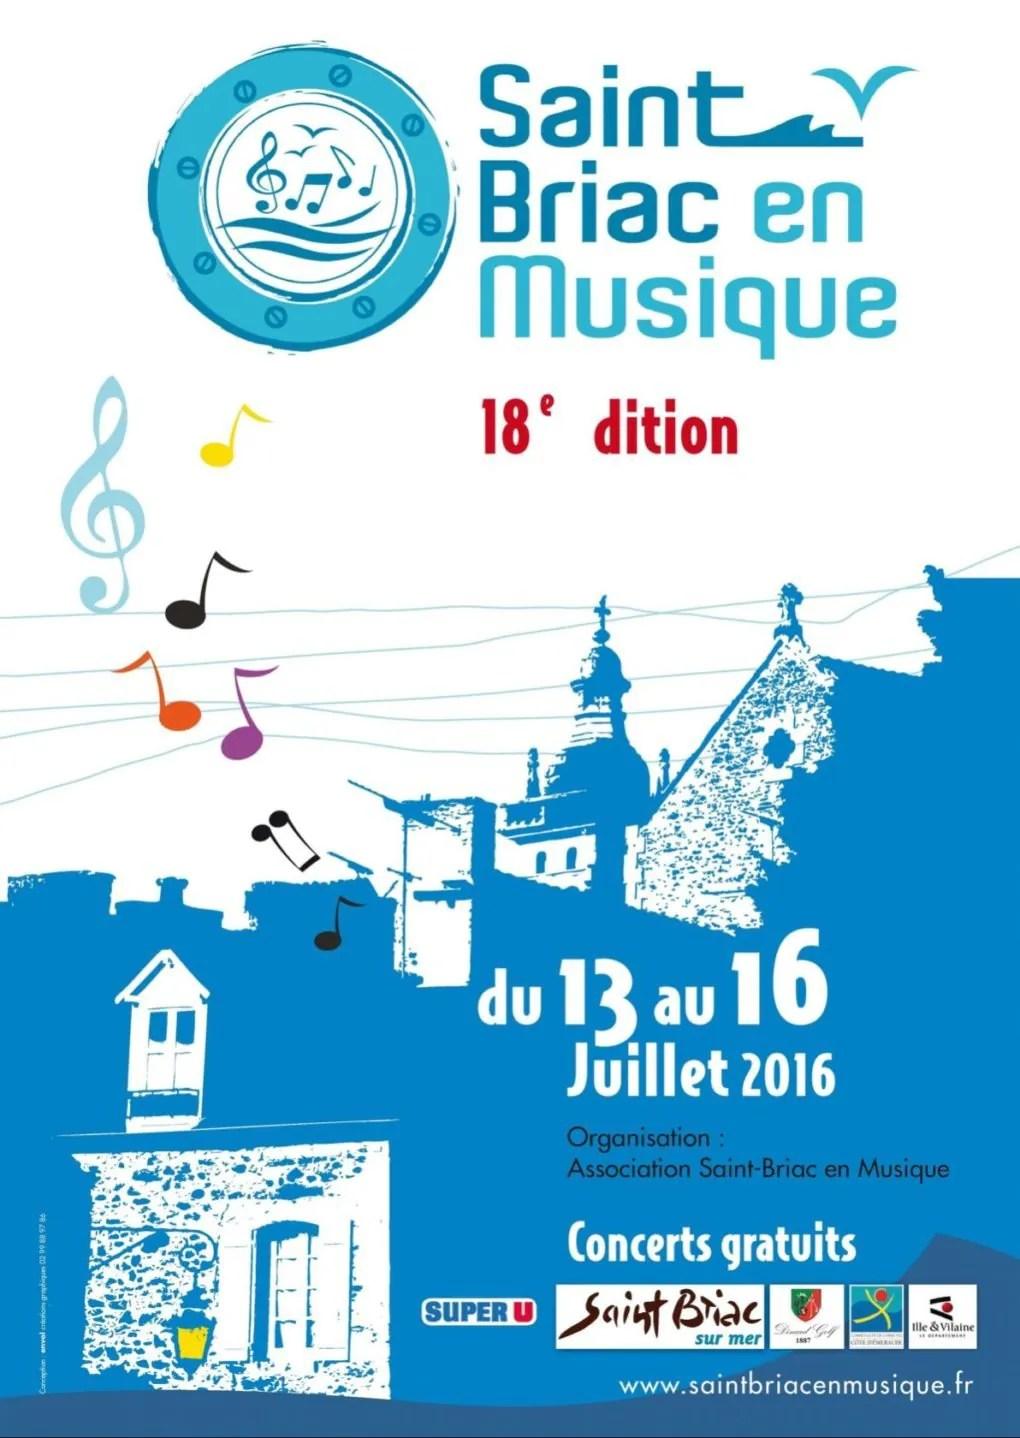 Saint-Briac en musique 2016 Saint-Briac-sur-Mer